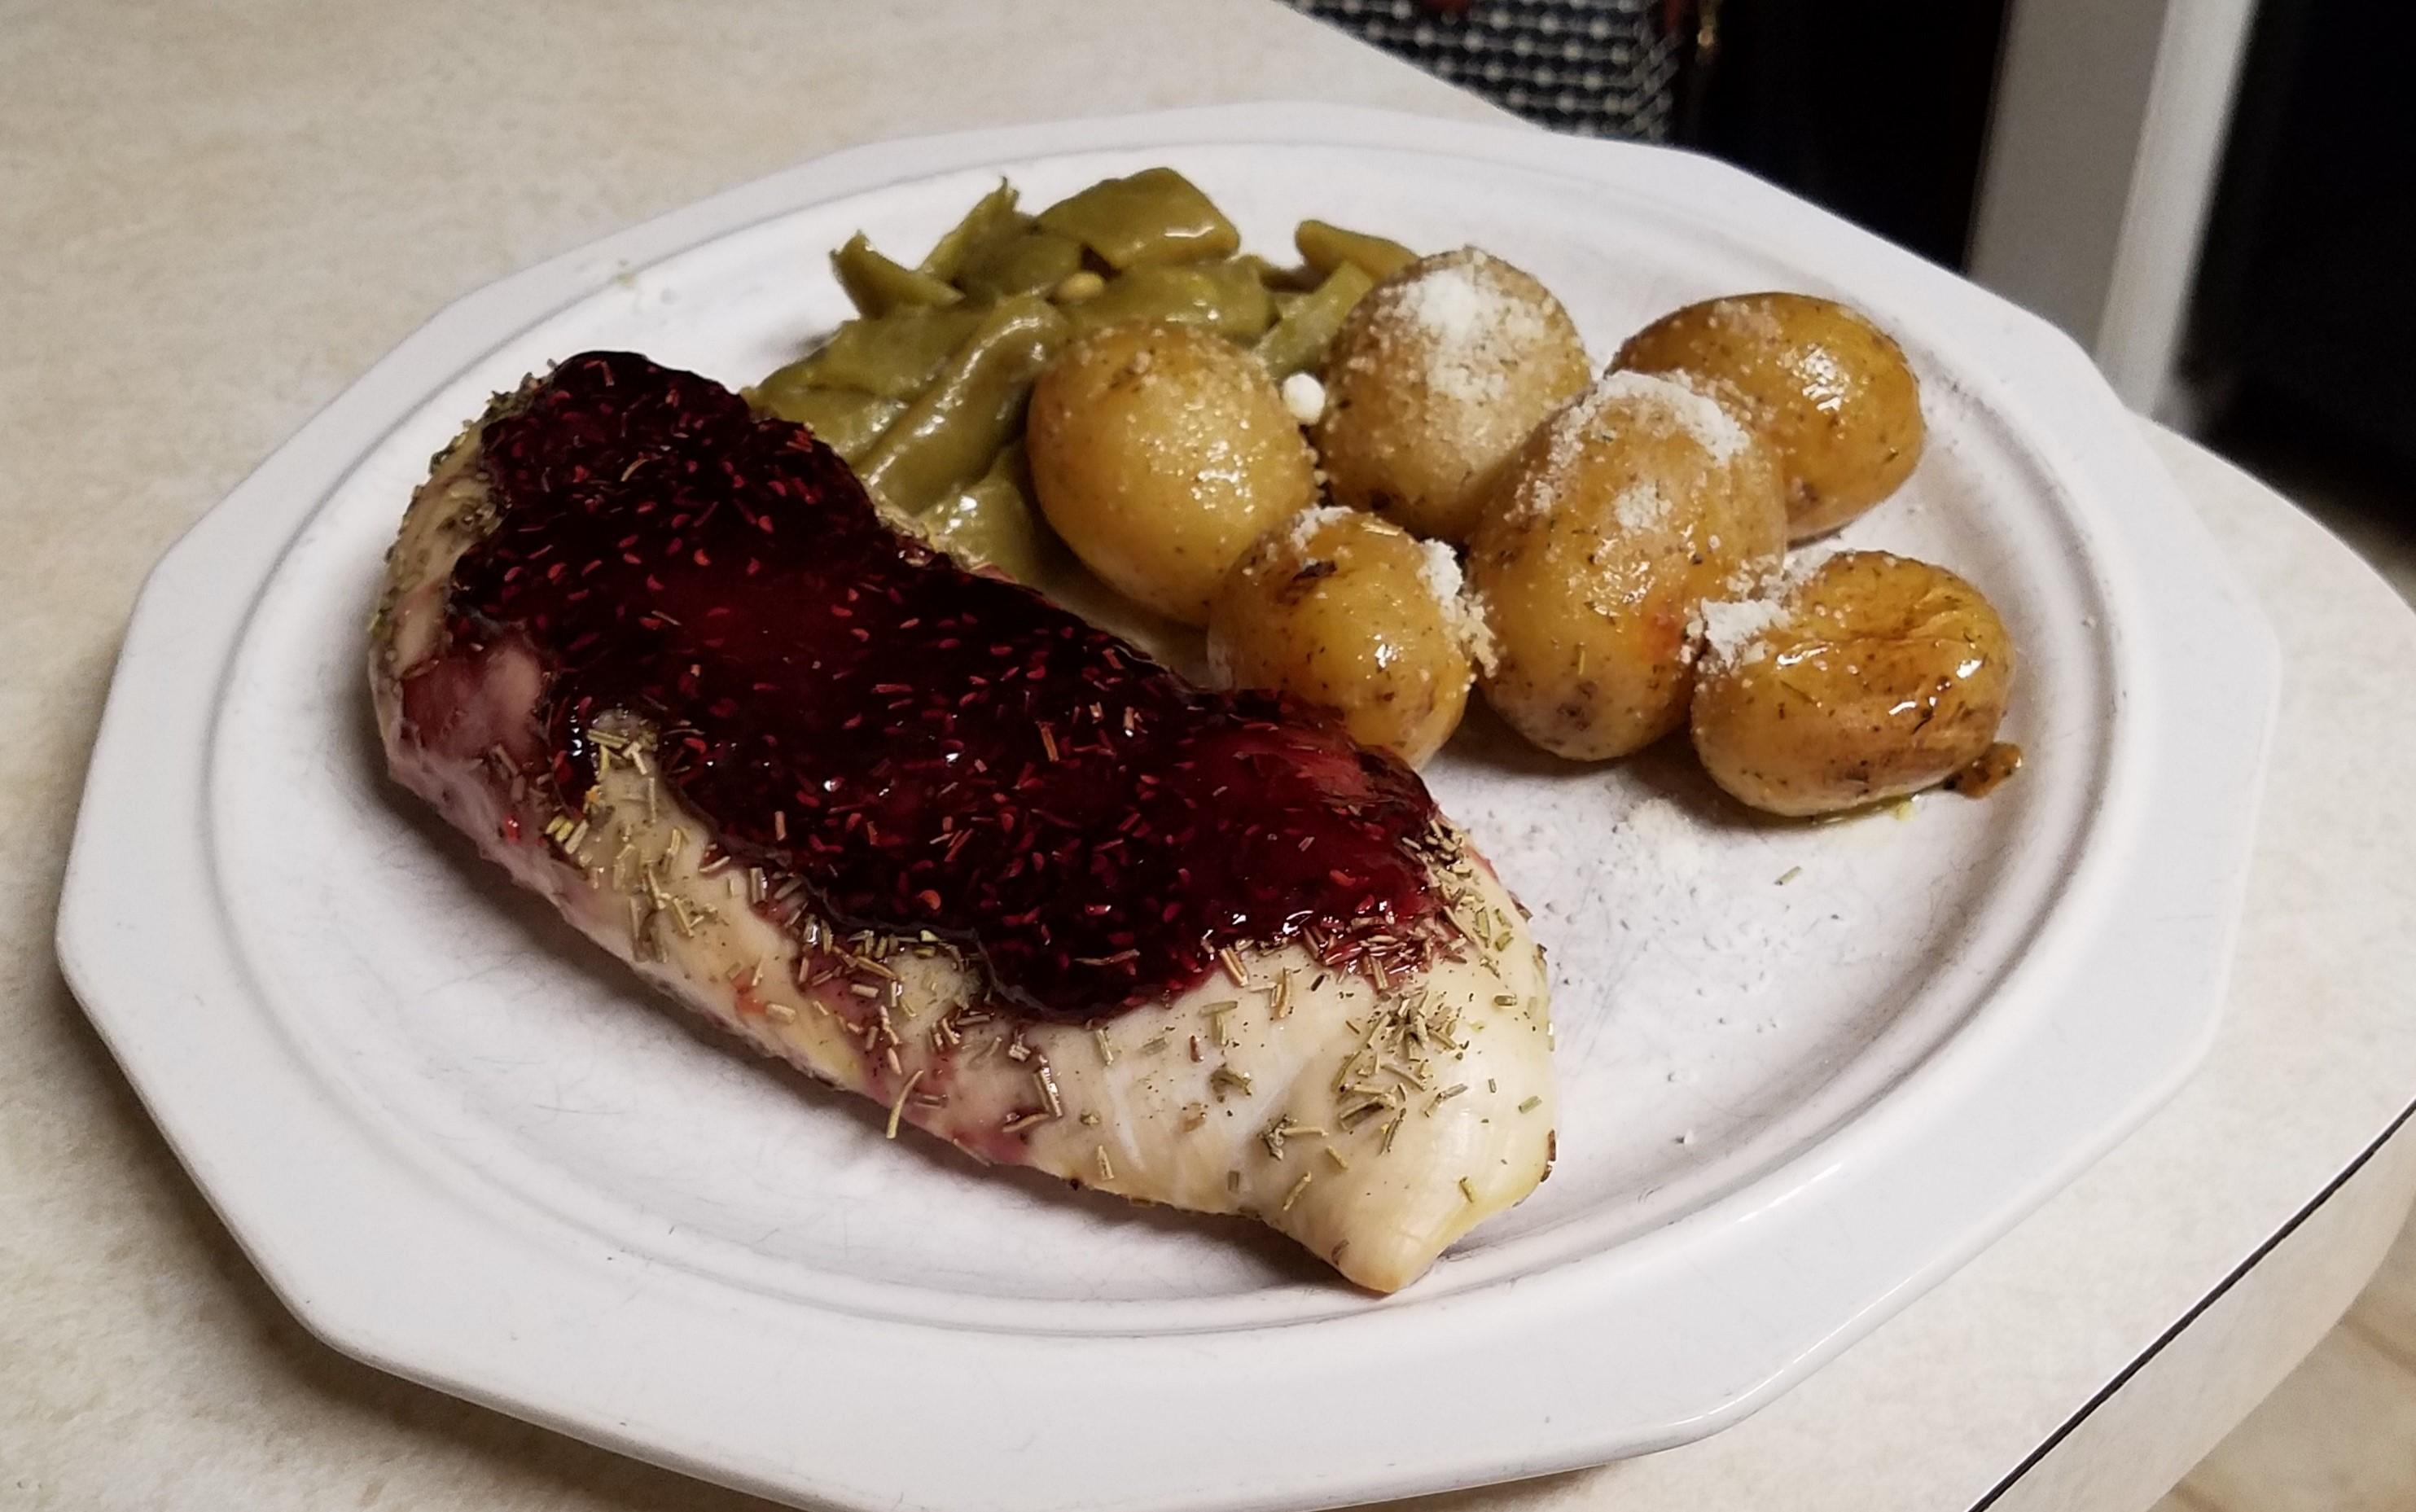 Raspberry-Glazed Rosemary Chicken Jack McLaughlin